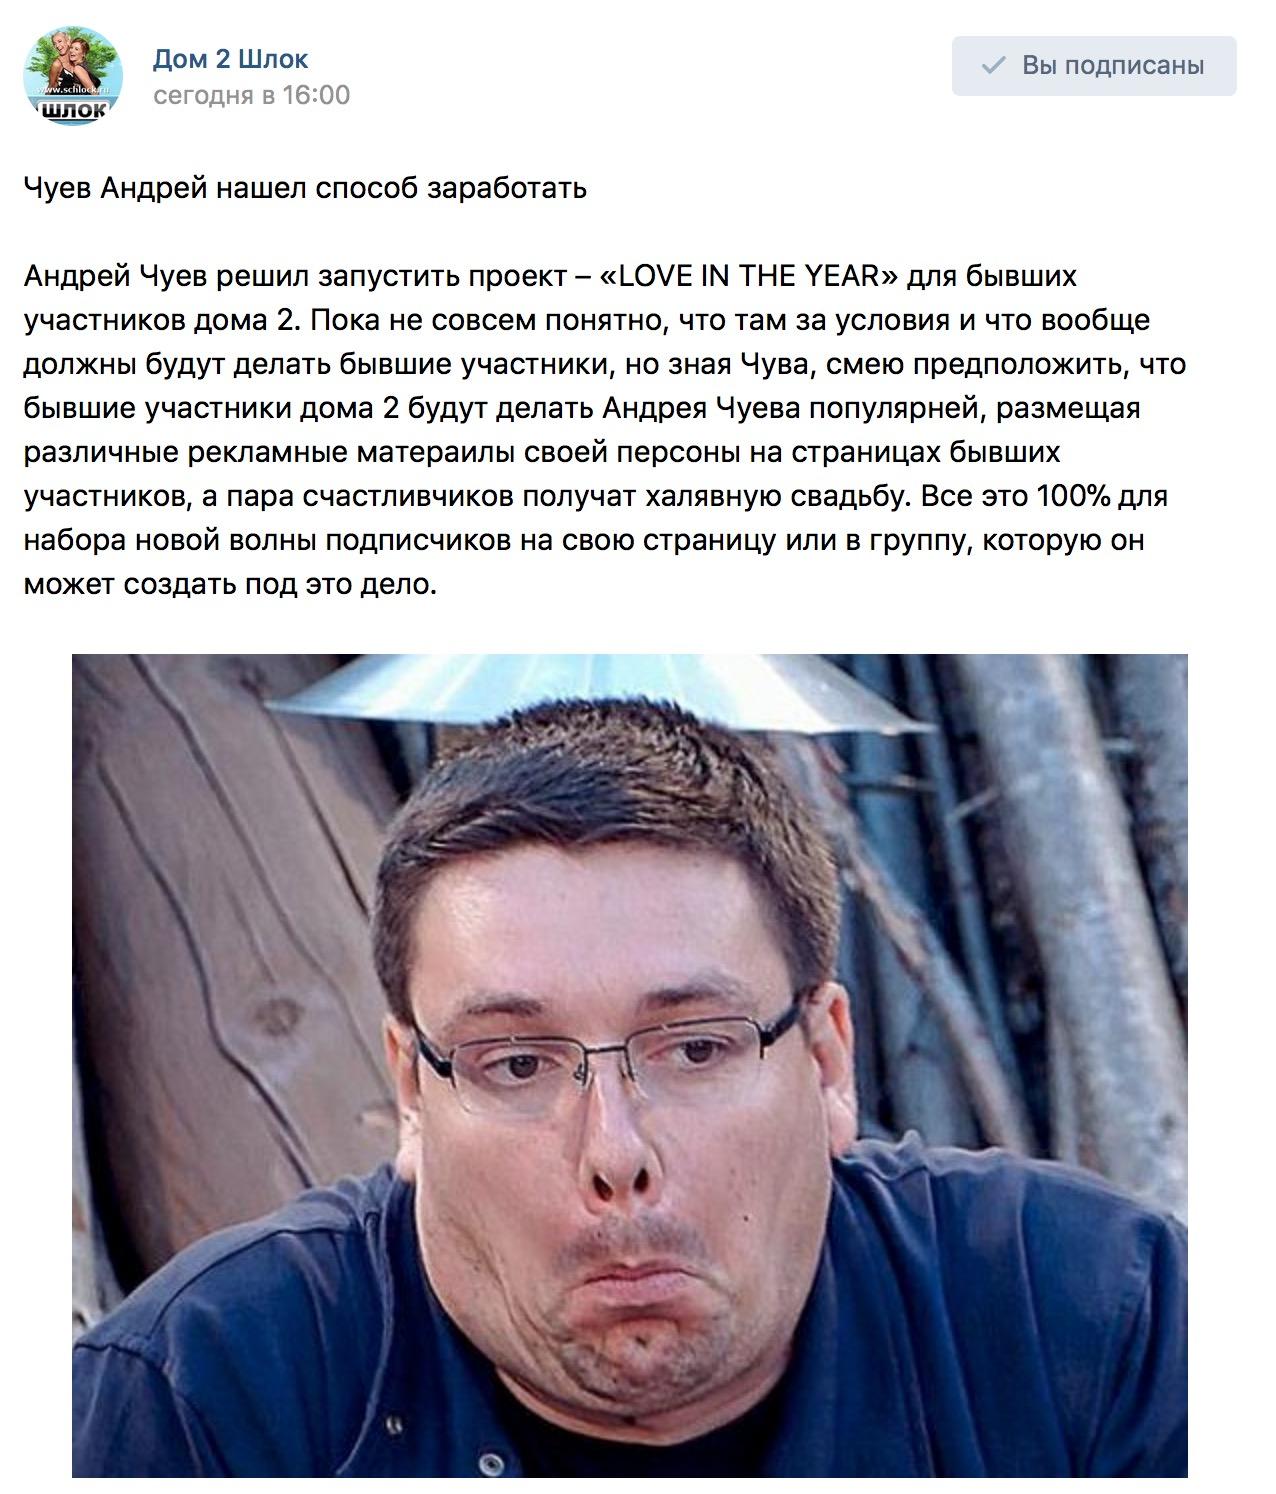 Чуев Андрей нашел способ заработать